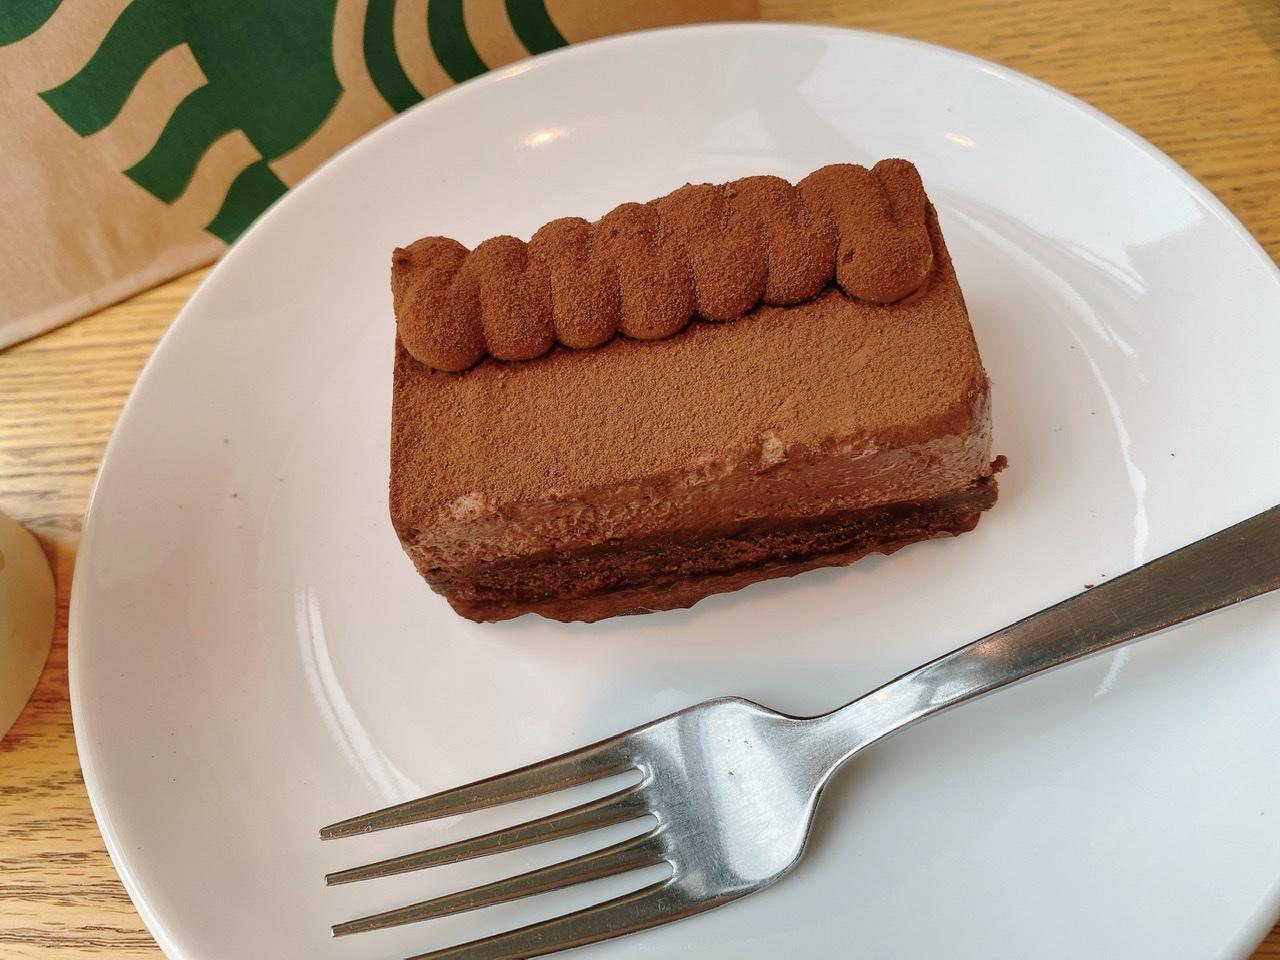 【スタバ】絶対食べたい!新作バレンタインケーキ《デザート ザ ショコラ》が超絶美味♡_2